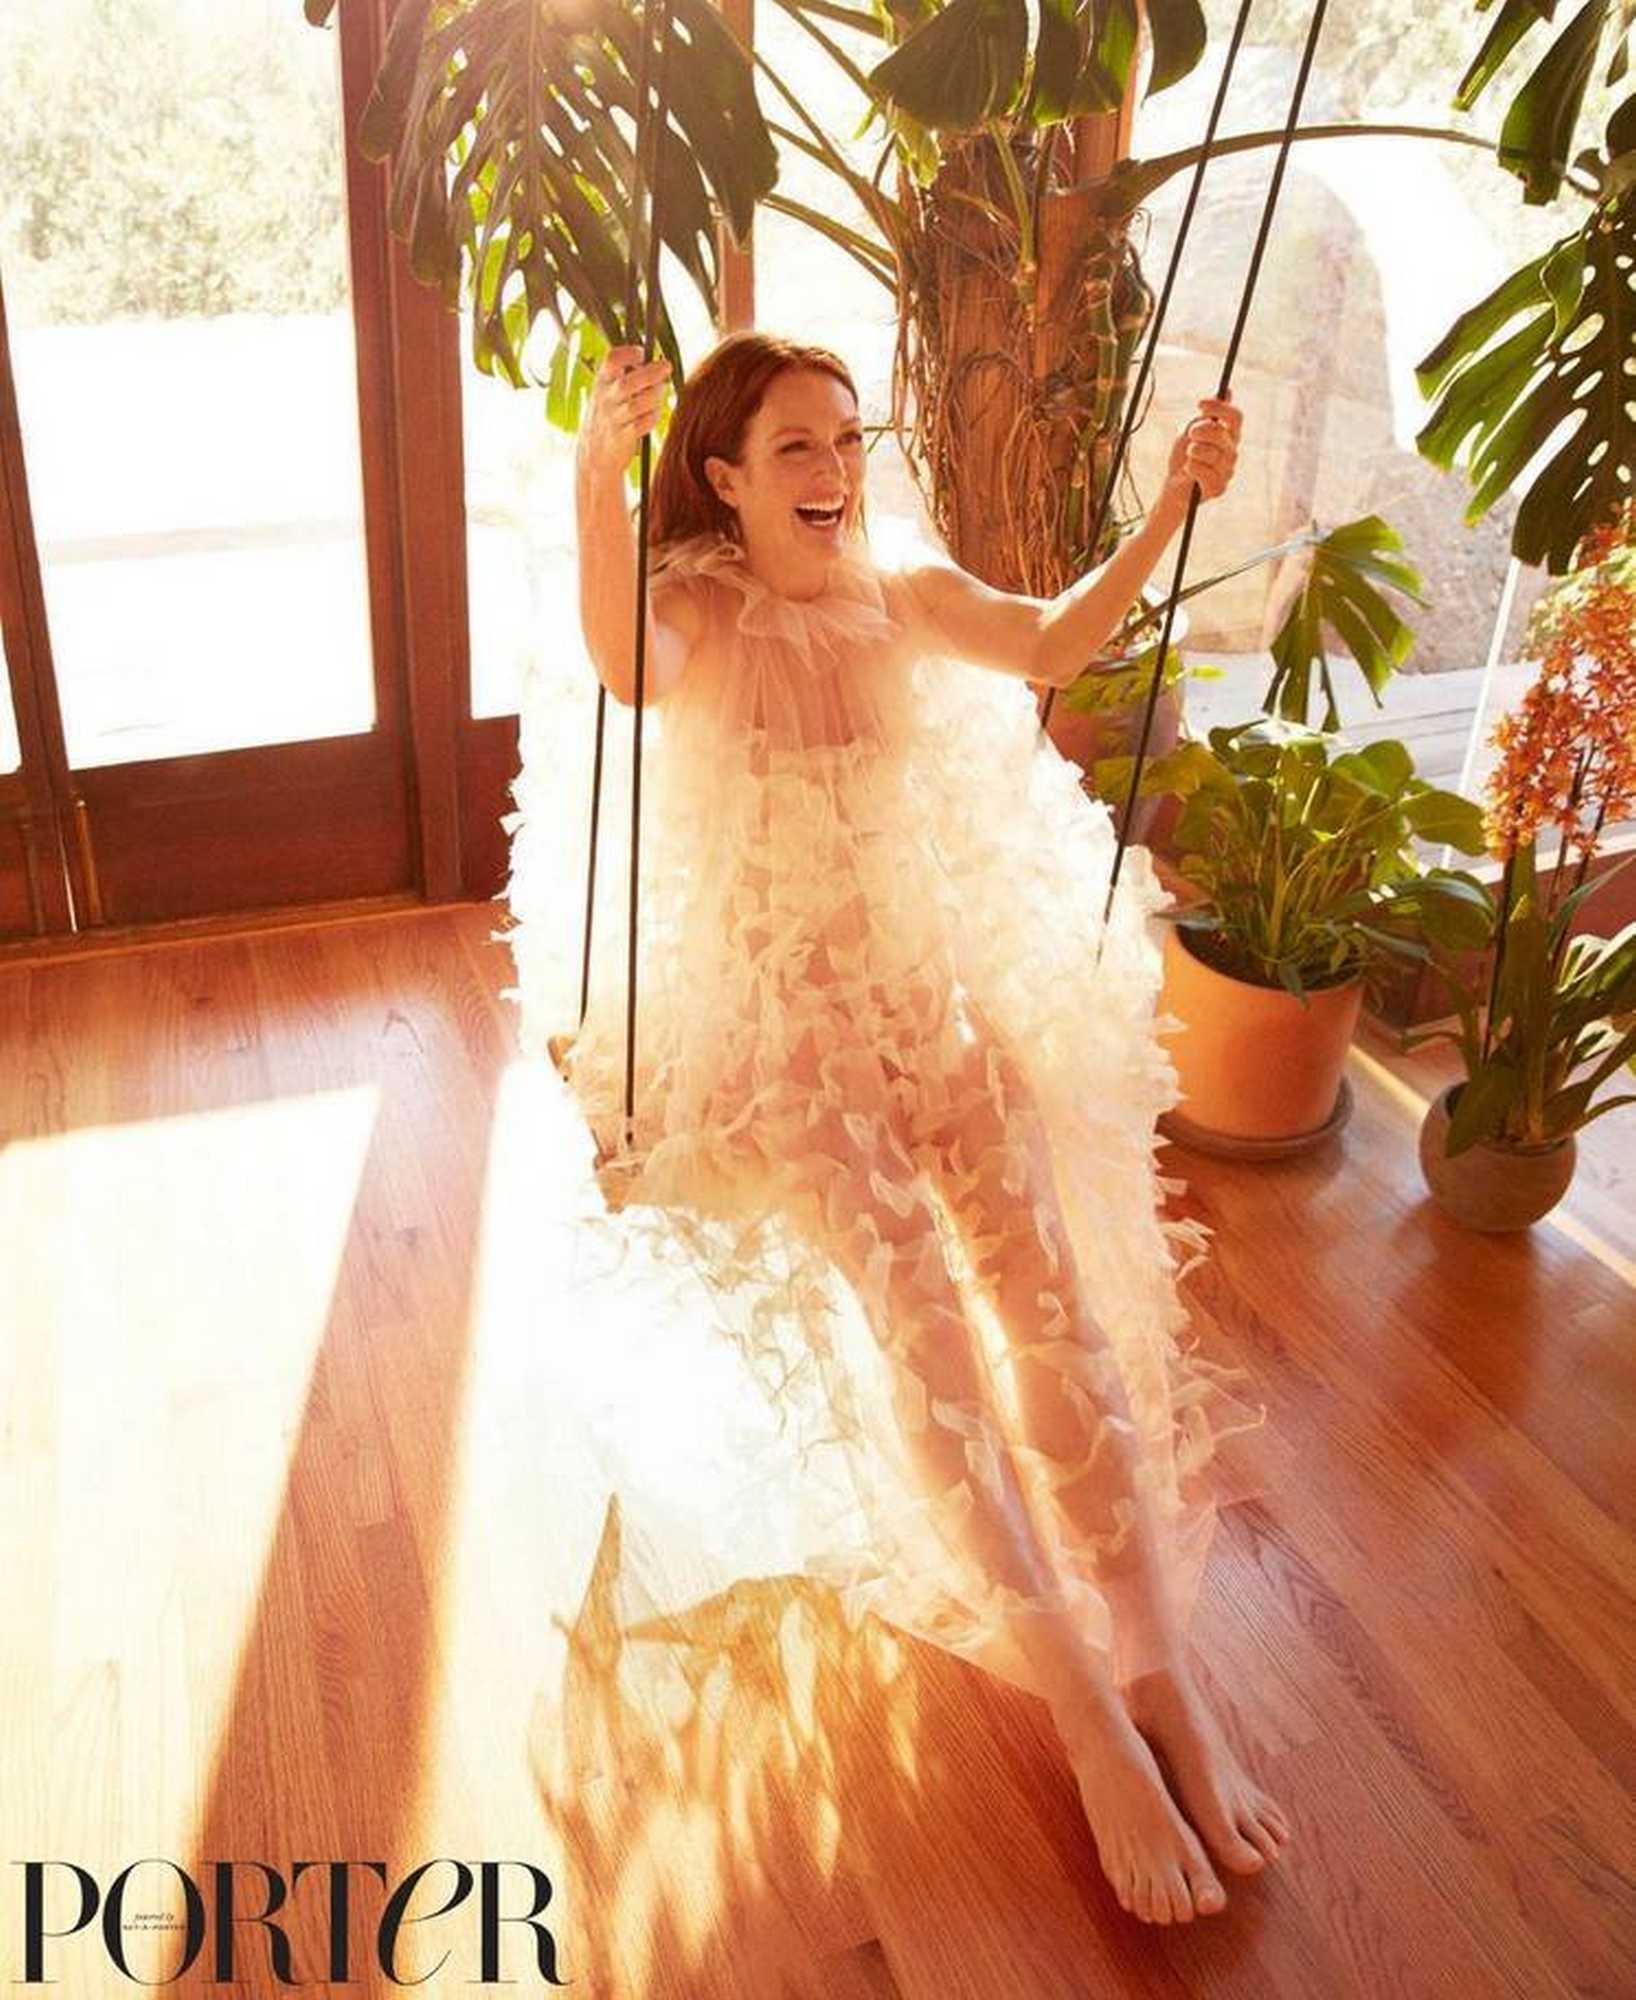 Julianne-Moore-Porter-Magazine-Winter-201838cdd3983488244.jpg